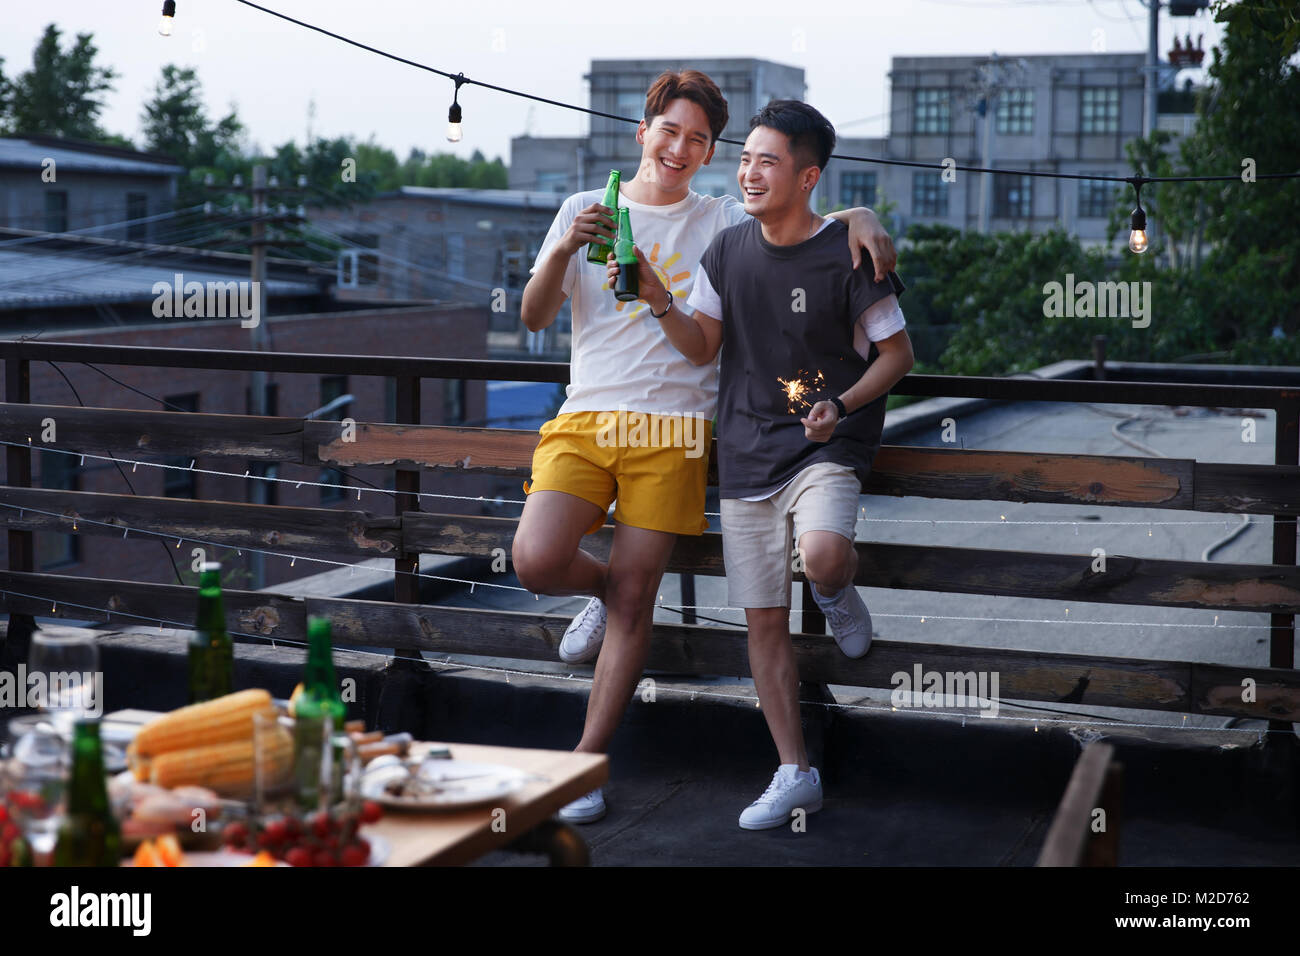 Deux jeunes hommes ont bu de la bière Photo Stock